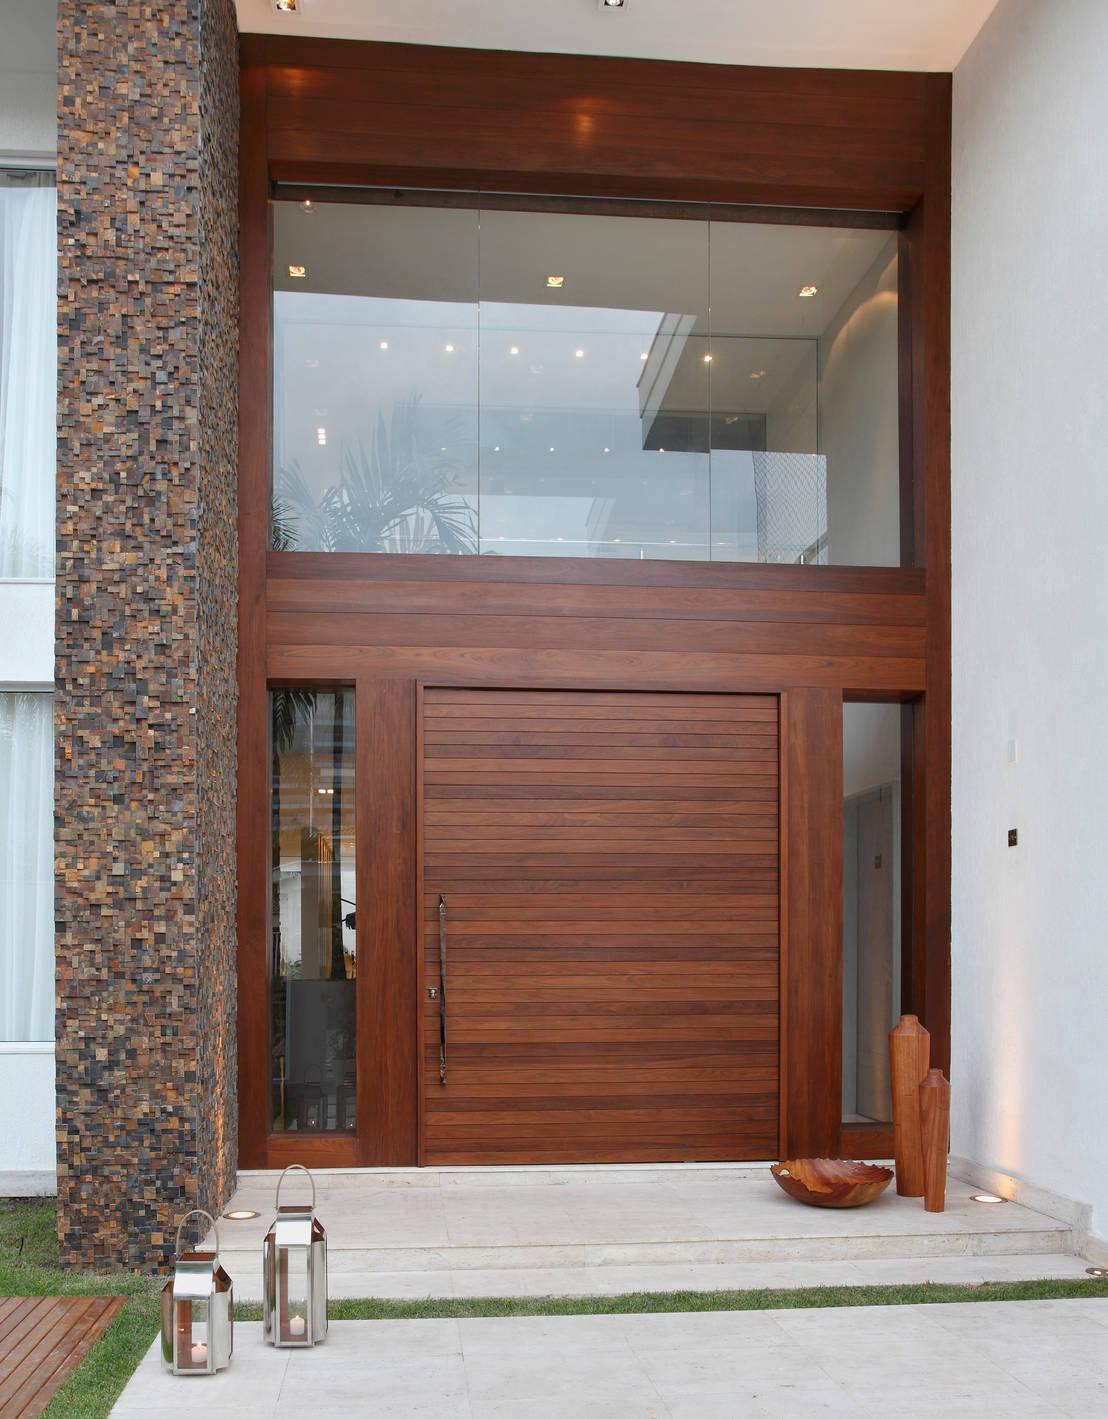 15 dise os originales de puertas que te dan la bienvenida for Puertas originales